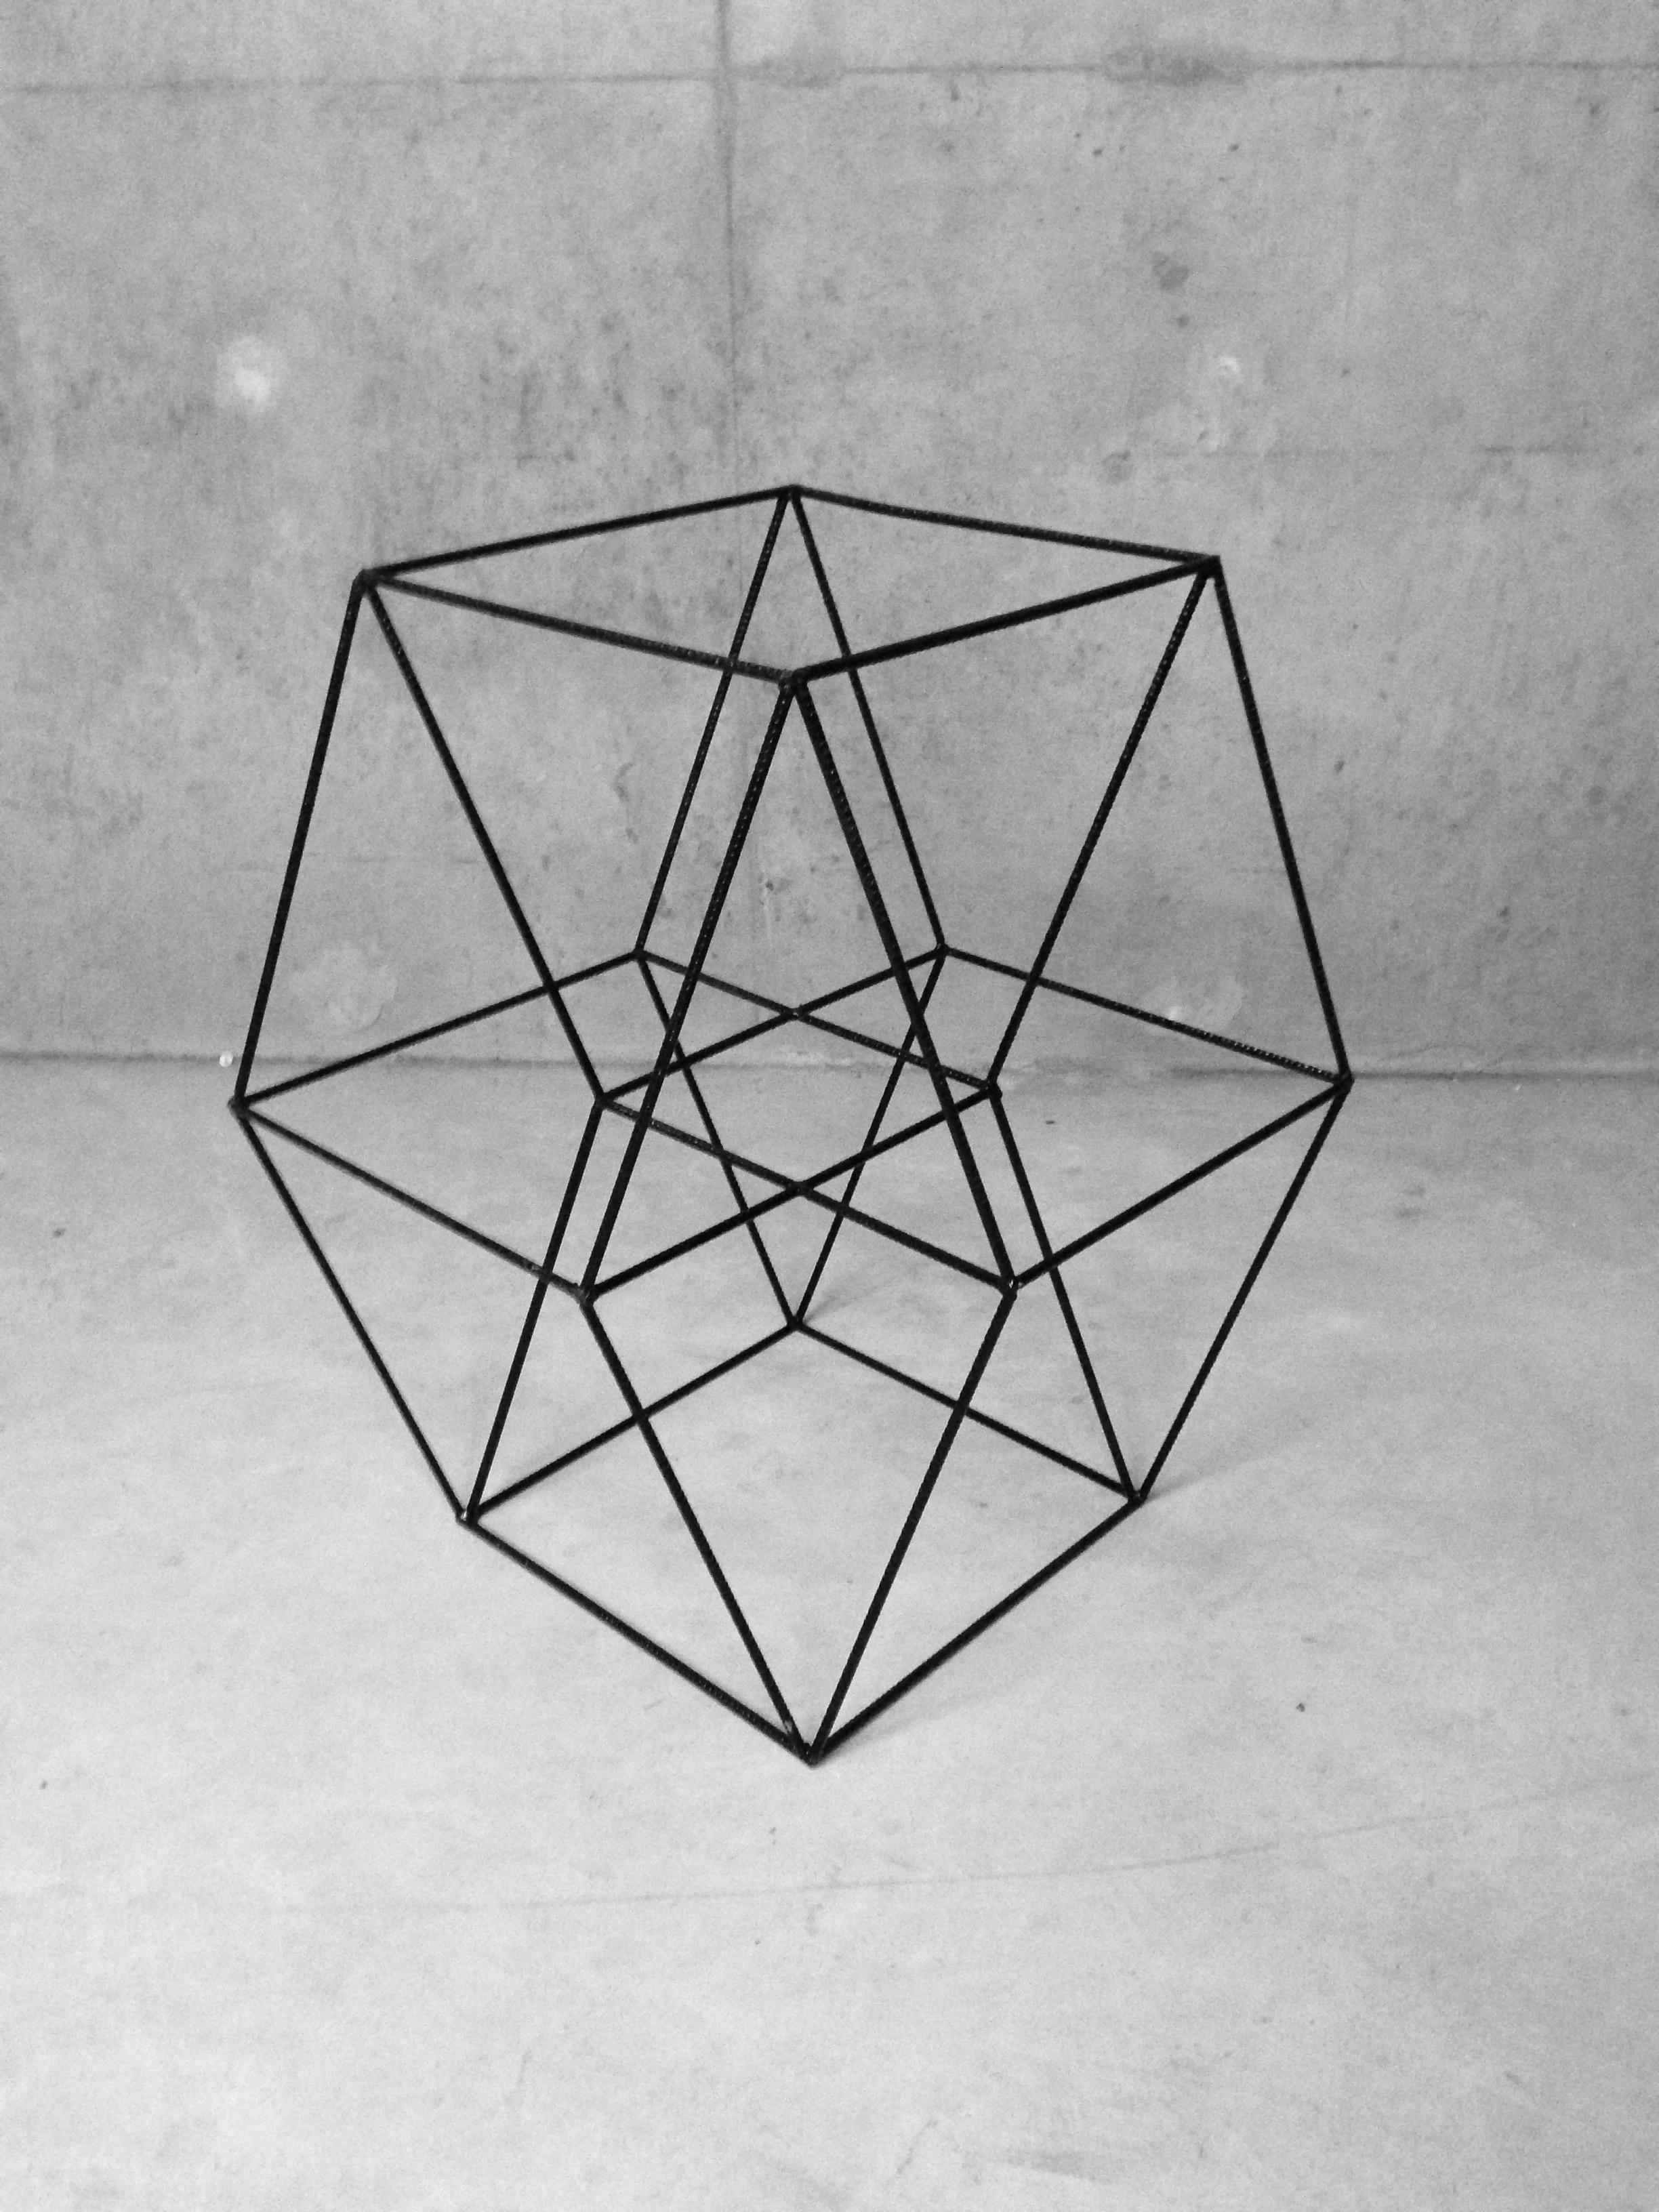 Tesseract #1 - Structure métallique105 x 71 x 95 cm2012